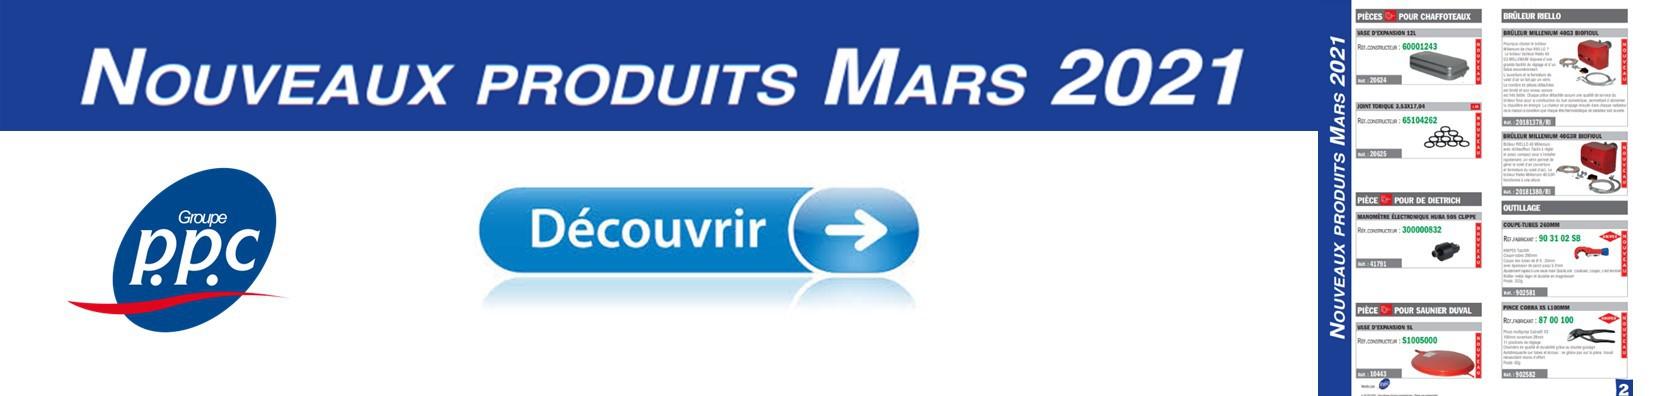 NOUVEAUTE MARS 2021